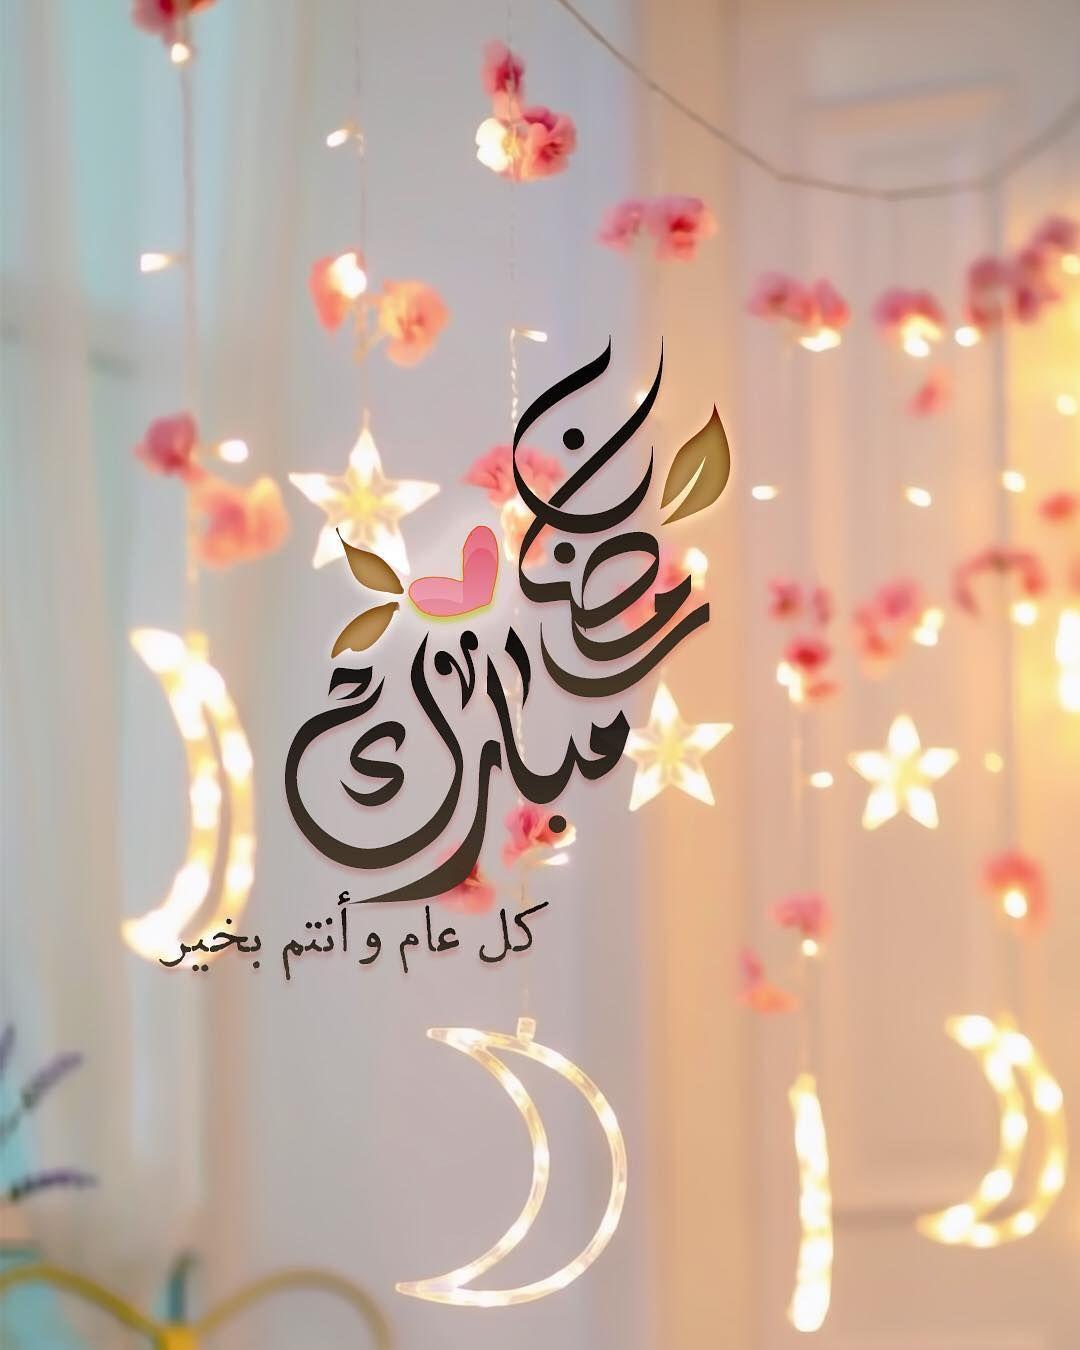 تهنئة رمضان رمضان يجمعنا مبارك عليكم الشهر رمزيات رمضانيات رمضان 2019 كل Ramadan Greetings Ramadan Kareem Decoration Ramadan Mubarak Wallpapers